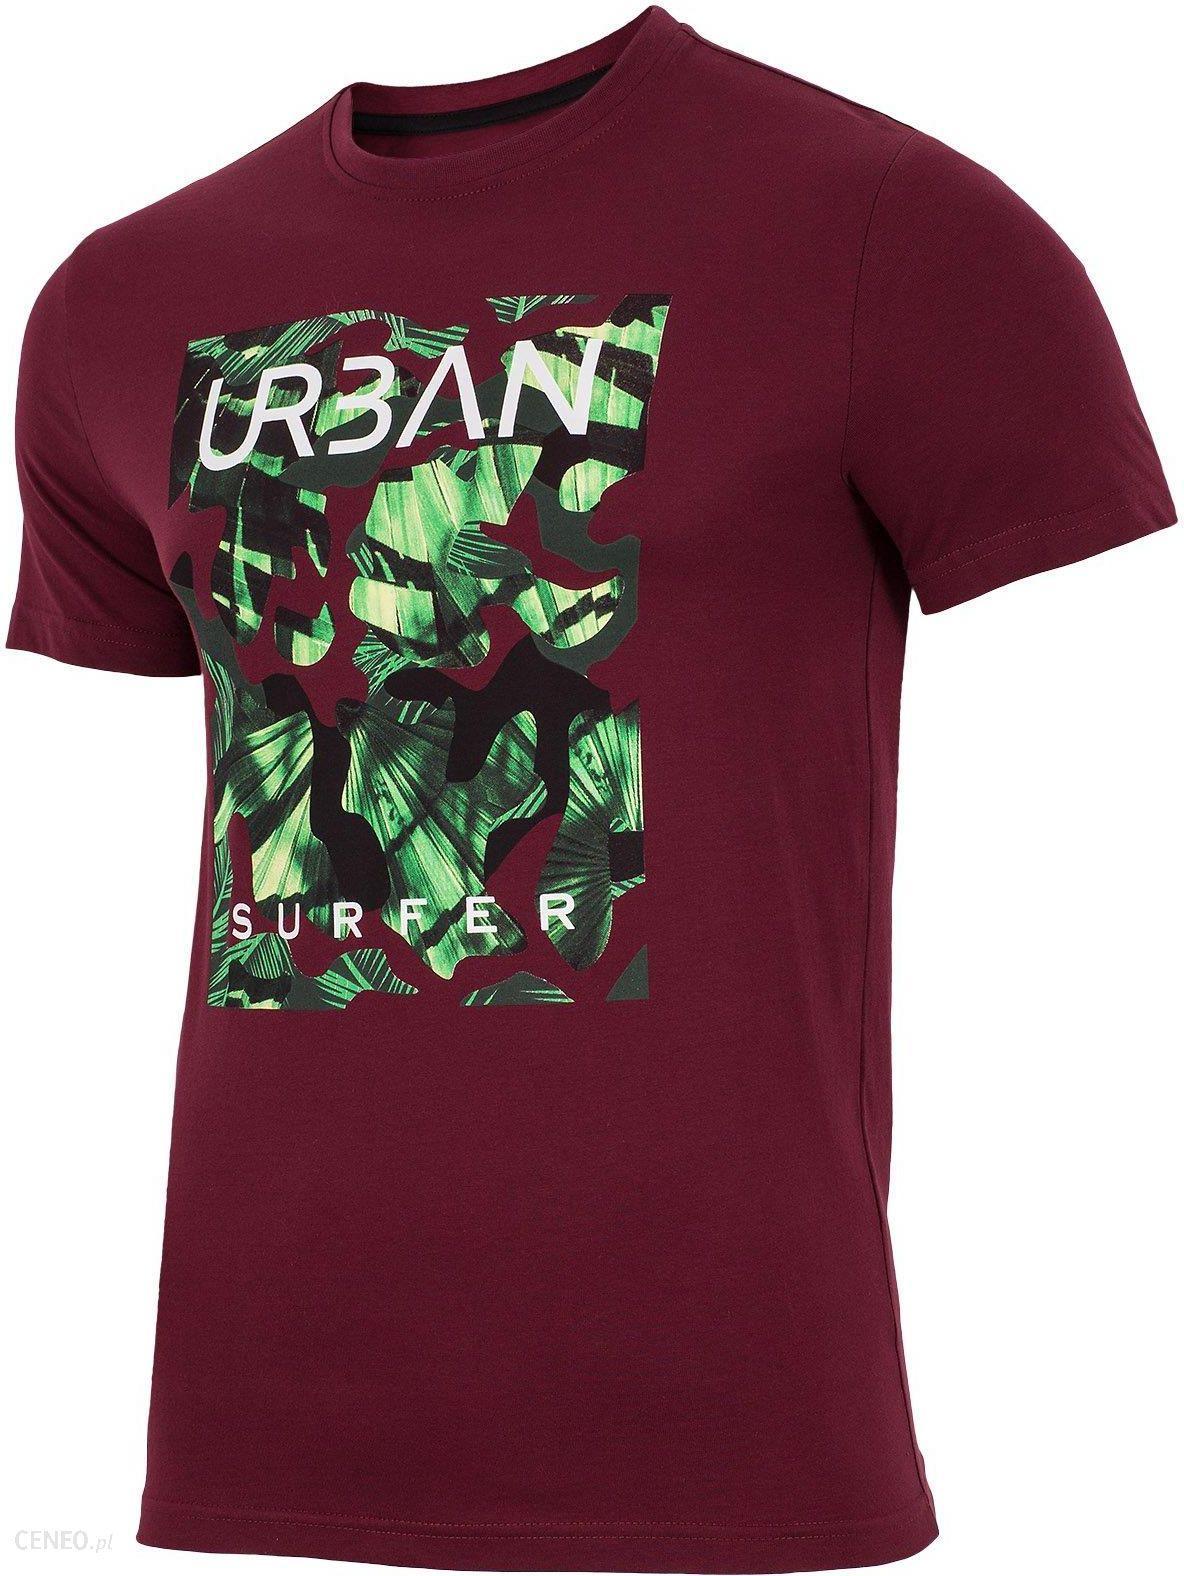 cfa00d5fa T-shirt męski TSM007 - bordowy - Ceny i opinie - Ceneo.pl